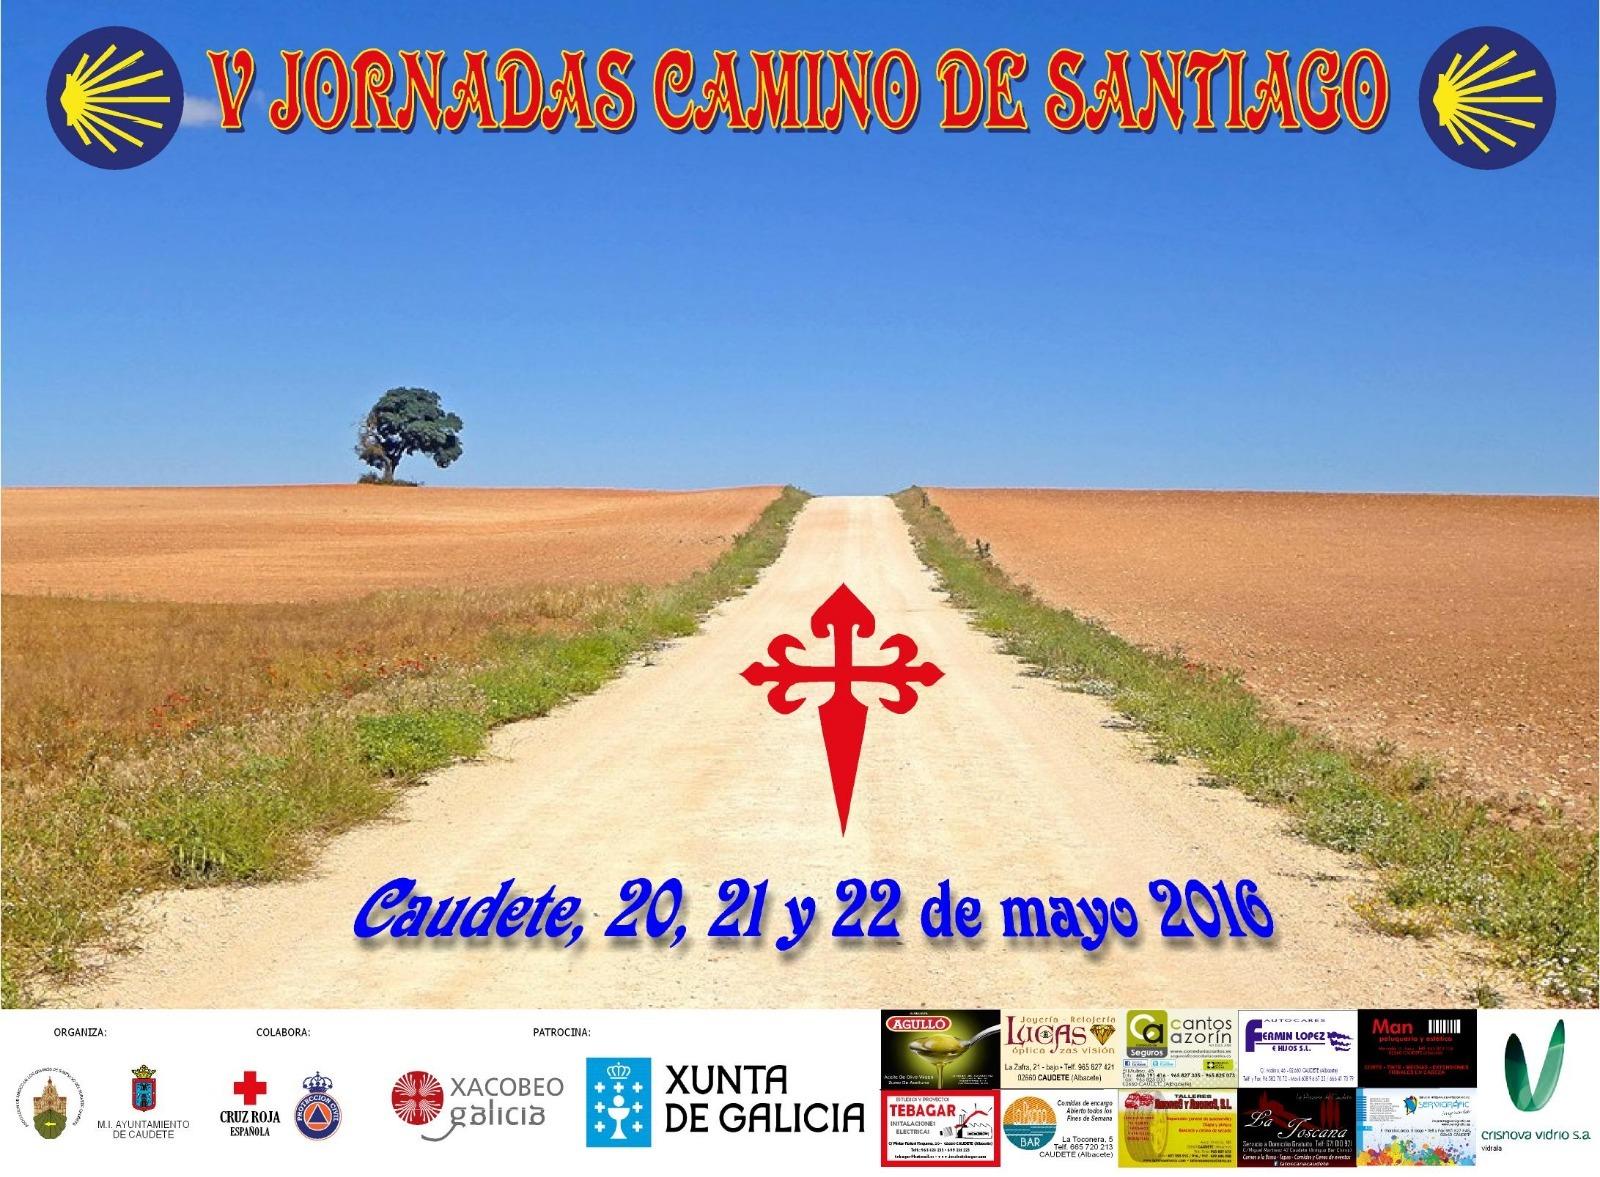 V JORNADAS DEL CAMINO DE SANTIAGO EN CAUDETE (20, 21 y 22 de mayo de 2.016)